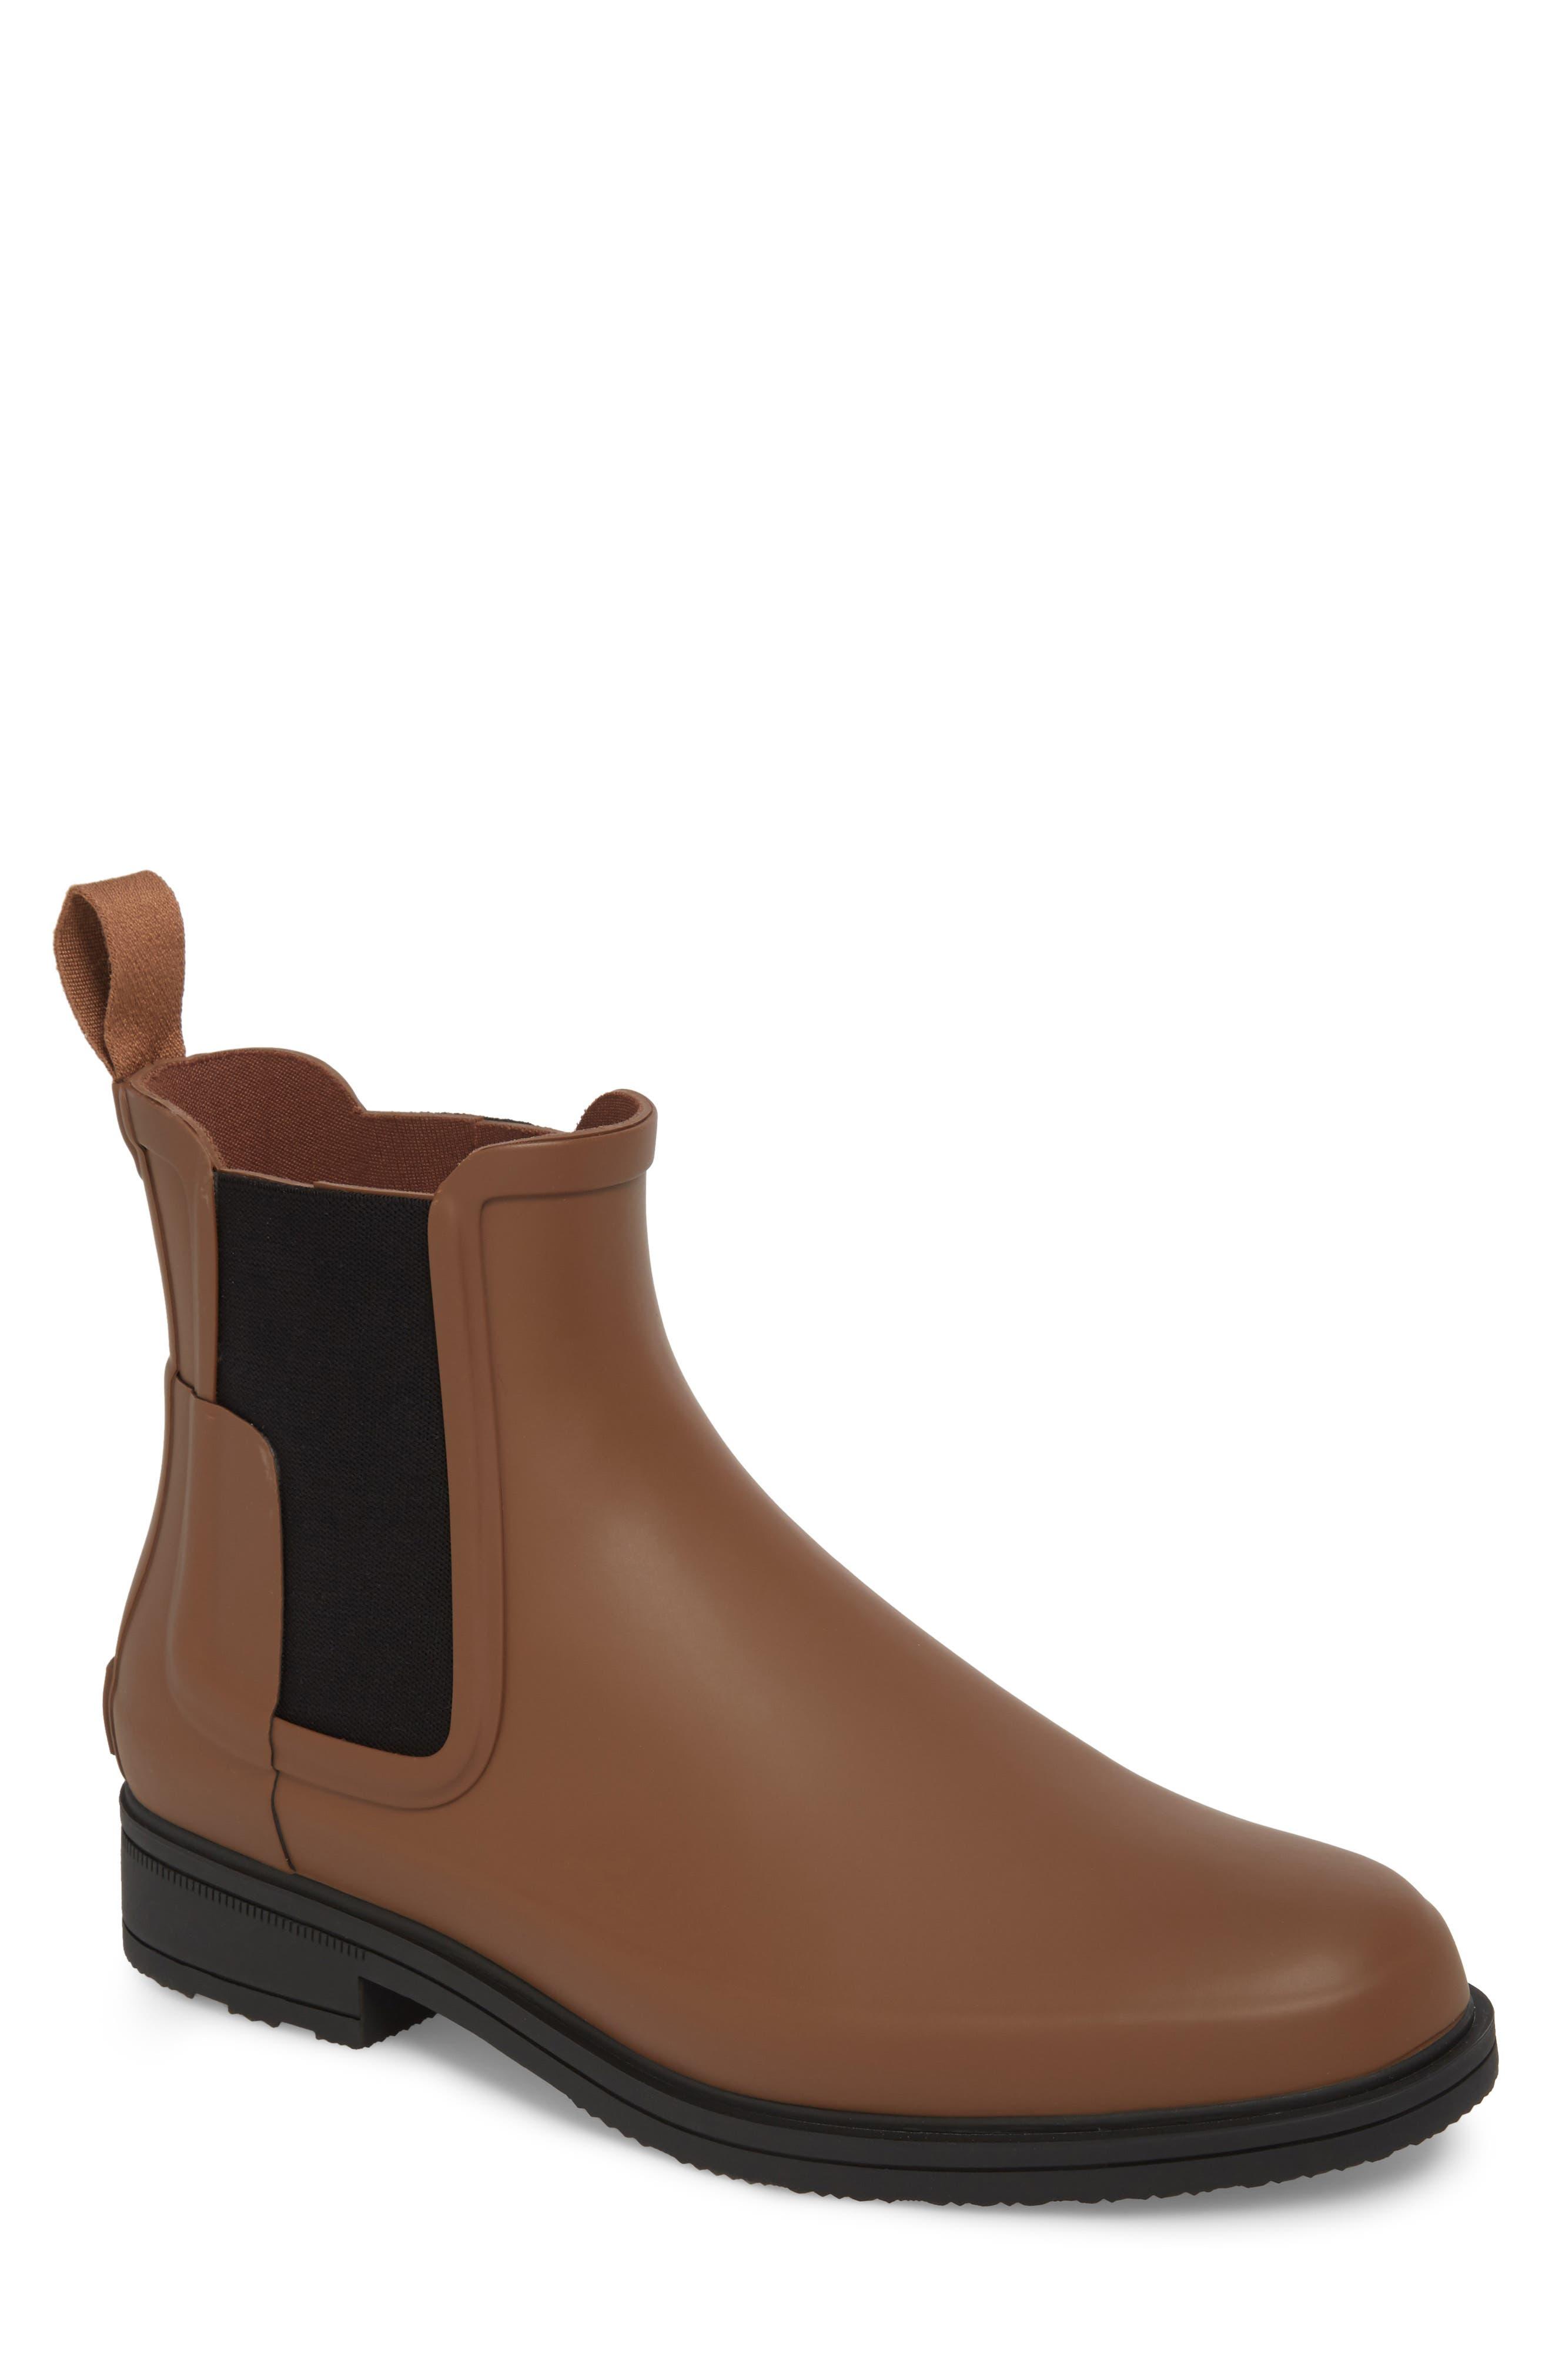 Original Refined Waterproof Chelsea Boot,                             Main thumbnail 1, color,                             SOIL/ BLACK